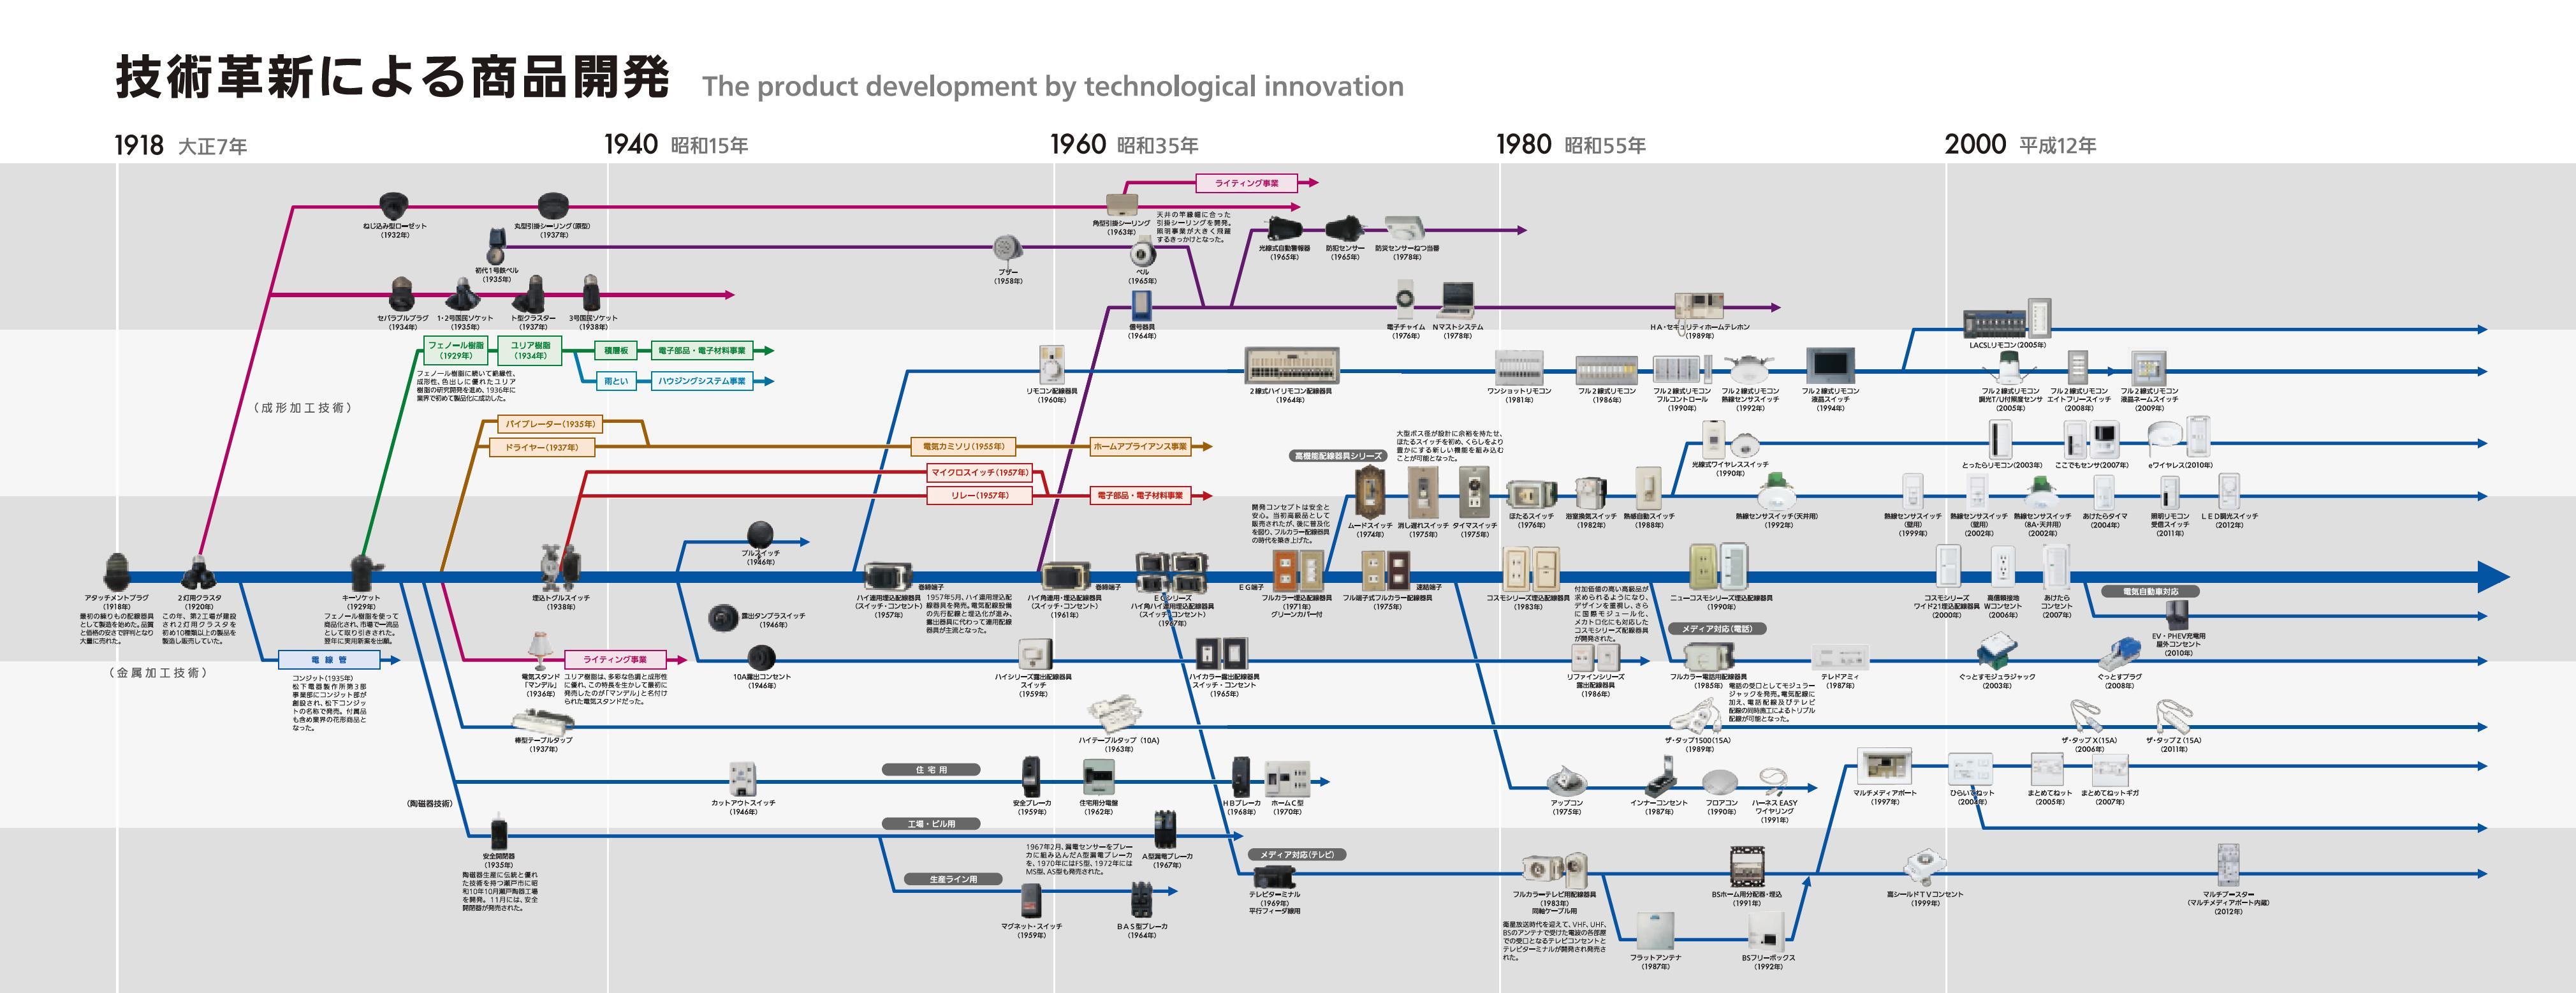 配線器具のあゆみ:ひとつの配線器具からスタートした事業が、スイッチ、コンセント、センサなど多種多様に進化